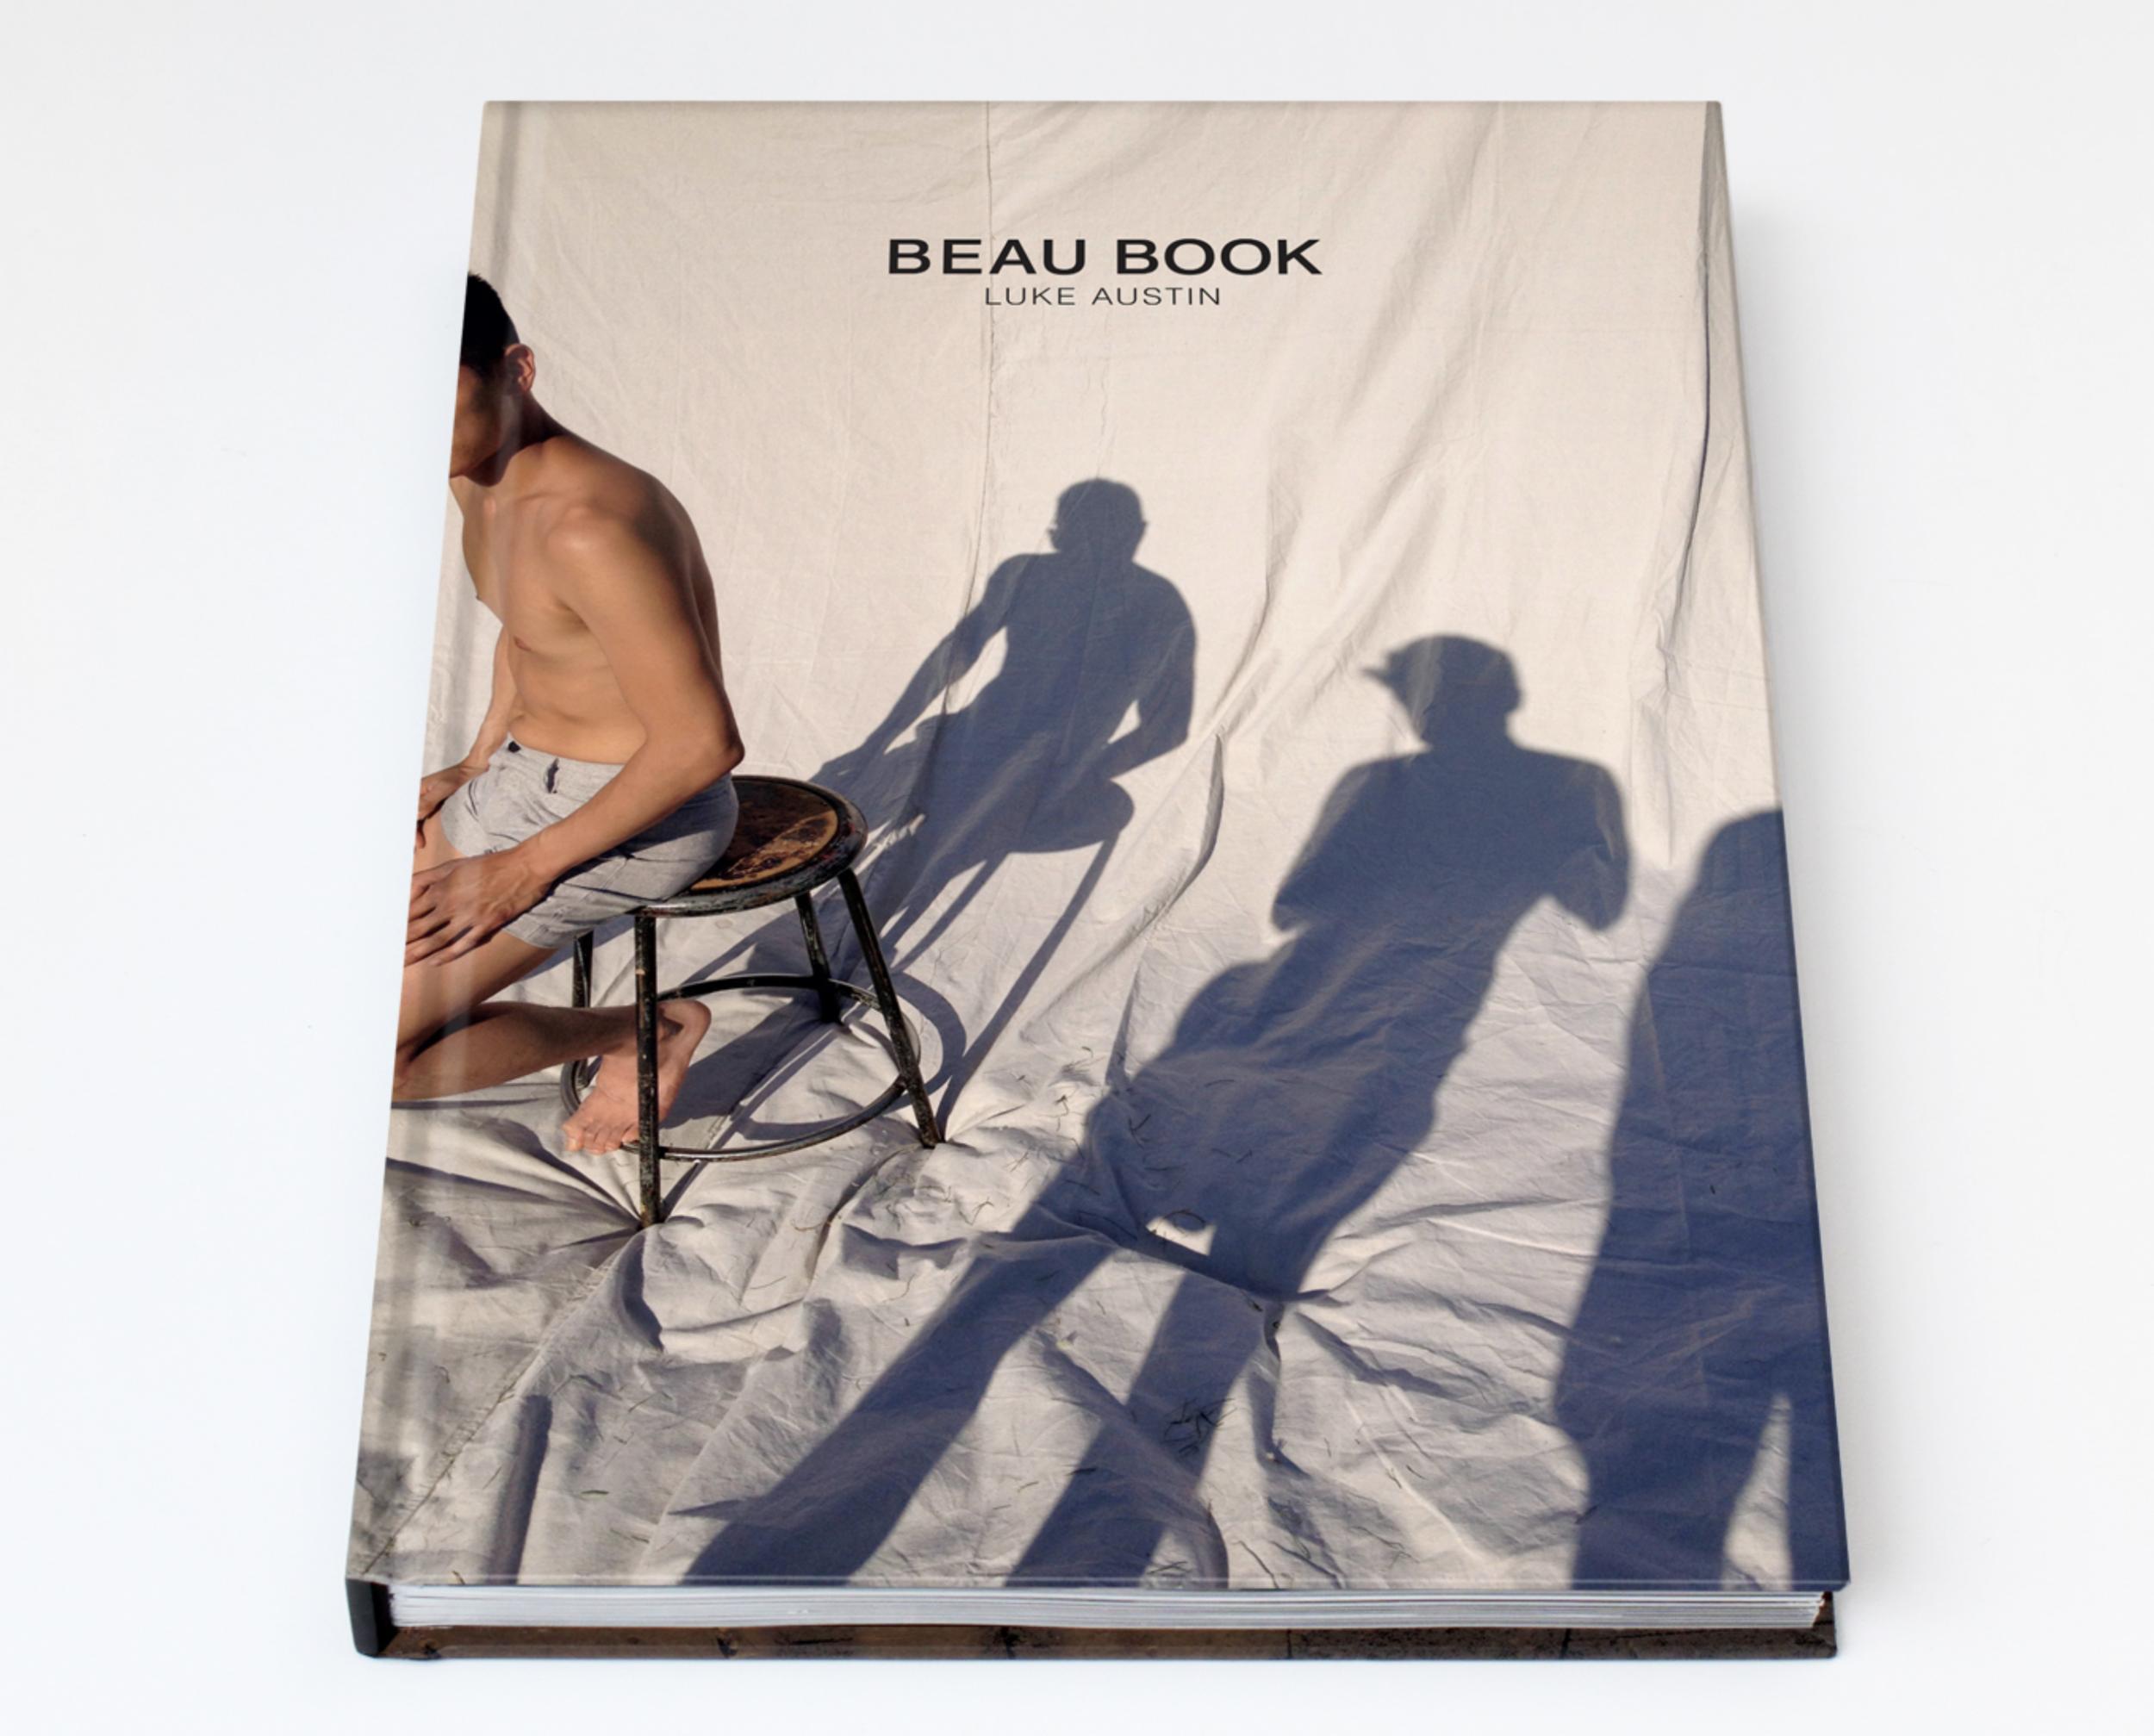 BEAU BOOK